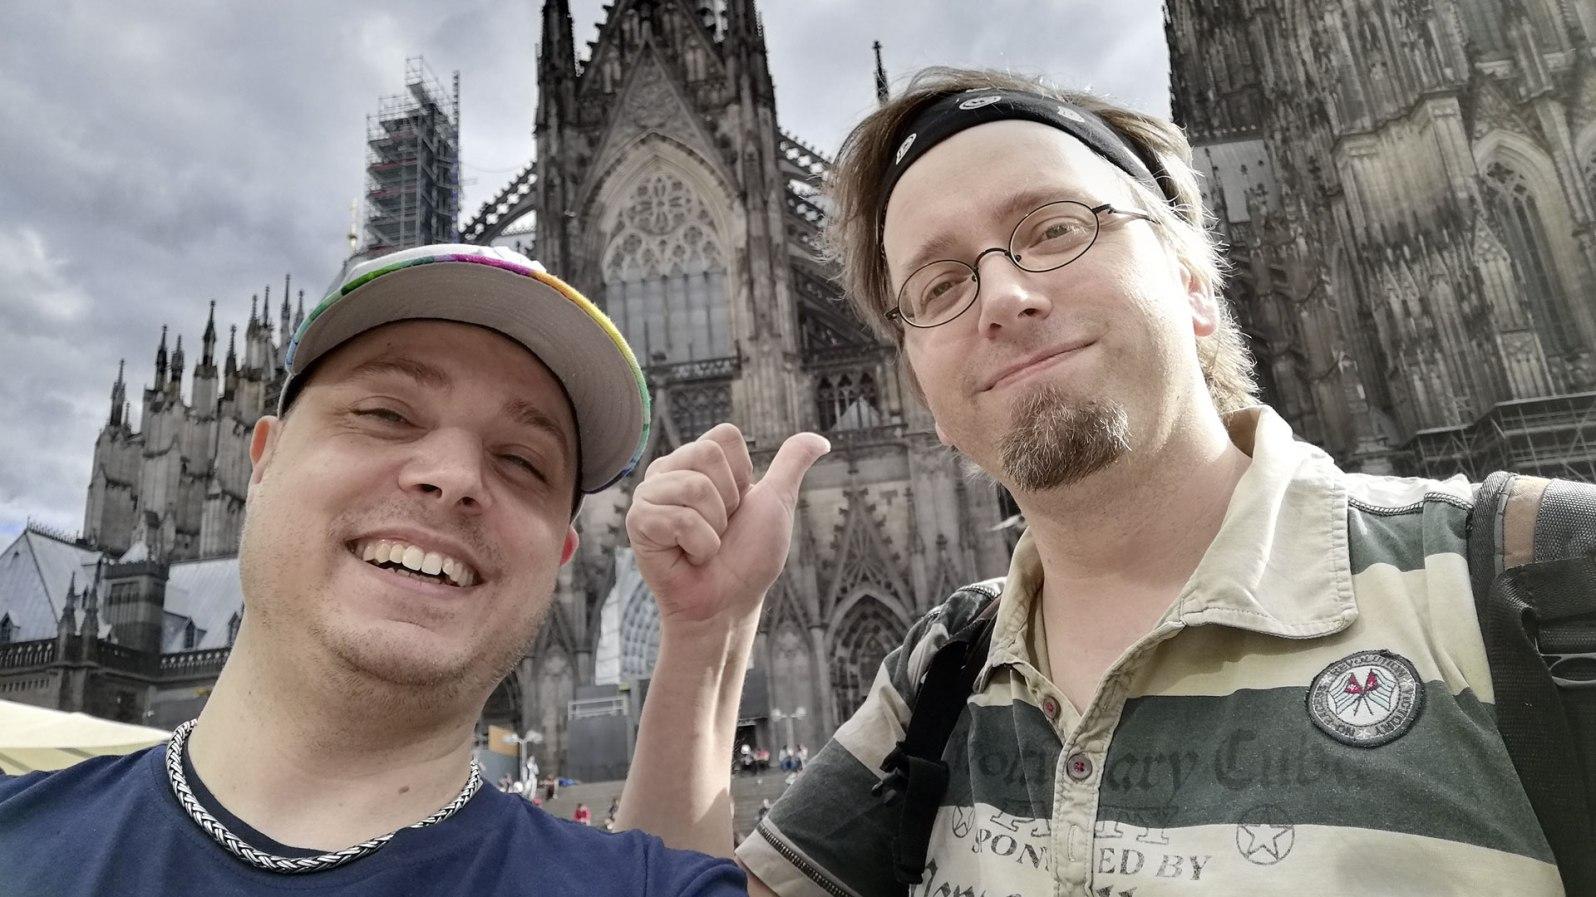 Nein, das ist nicht der Neuzugang bei den Kölner Domspatzen. Jean und ich schicken auf dem Weg nach Nahrung noch Grüße via Twitter in die Welt.